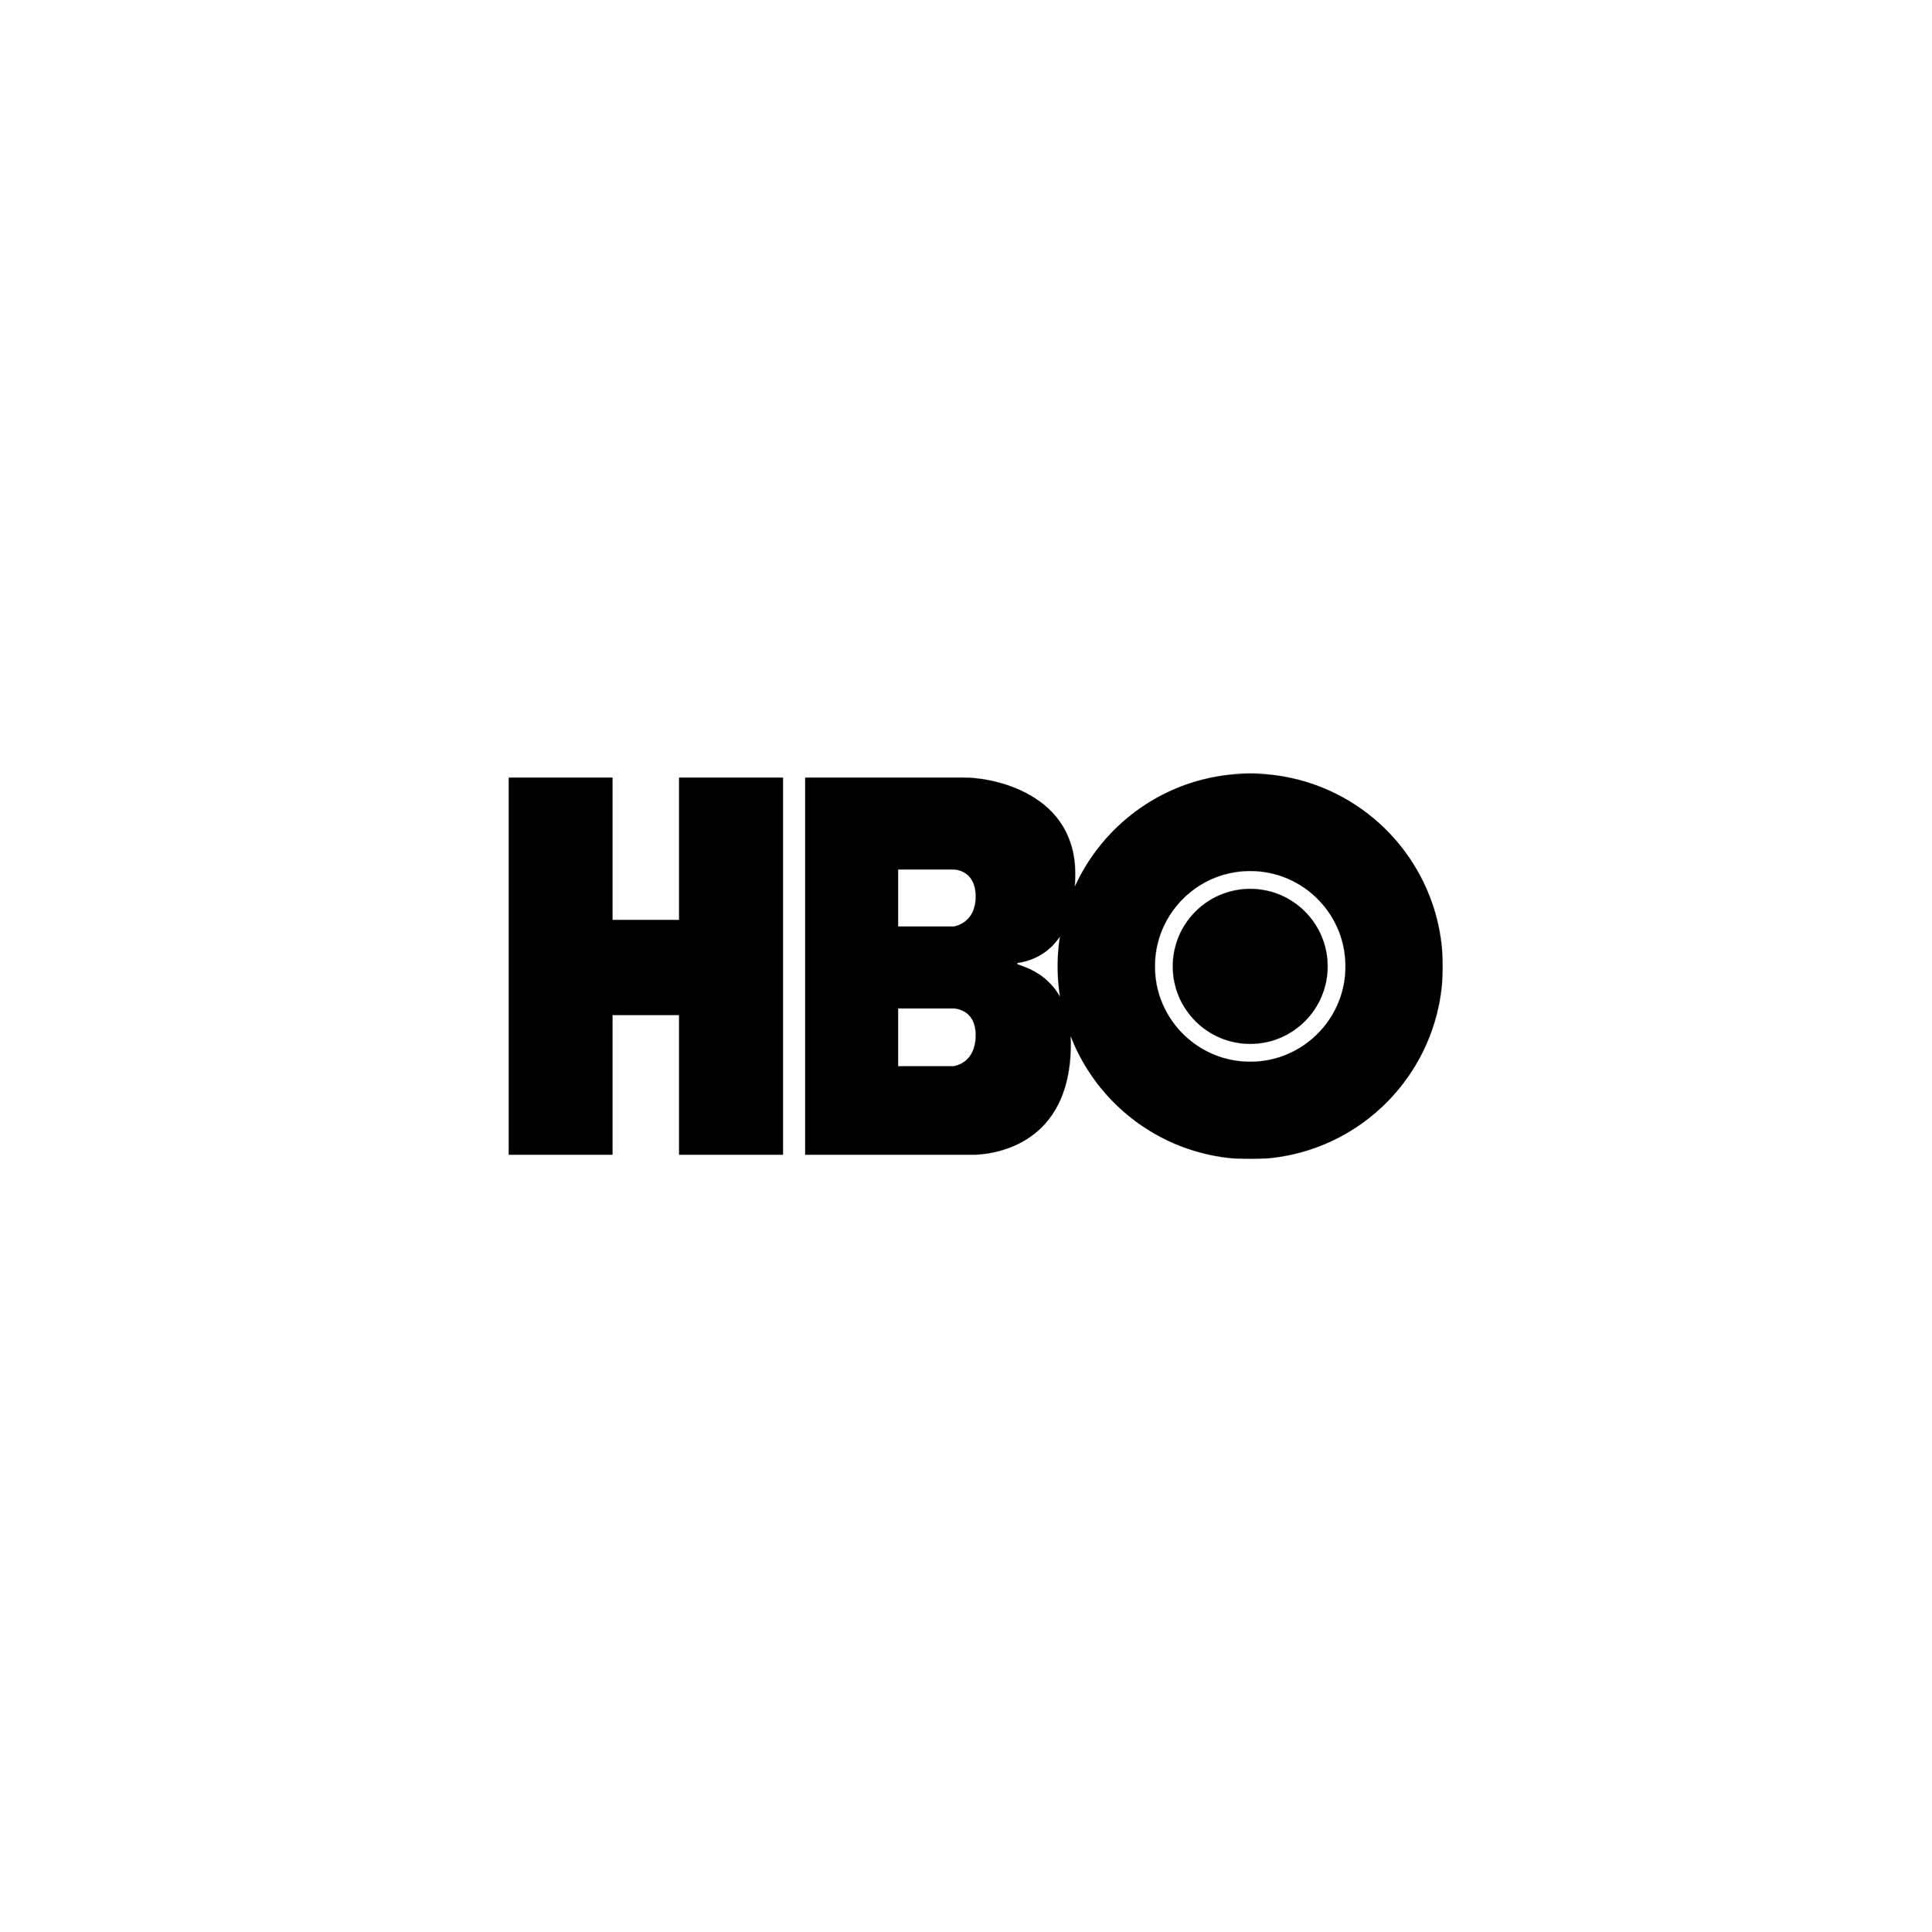 HBO'.jpg